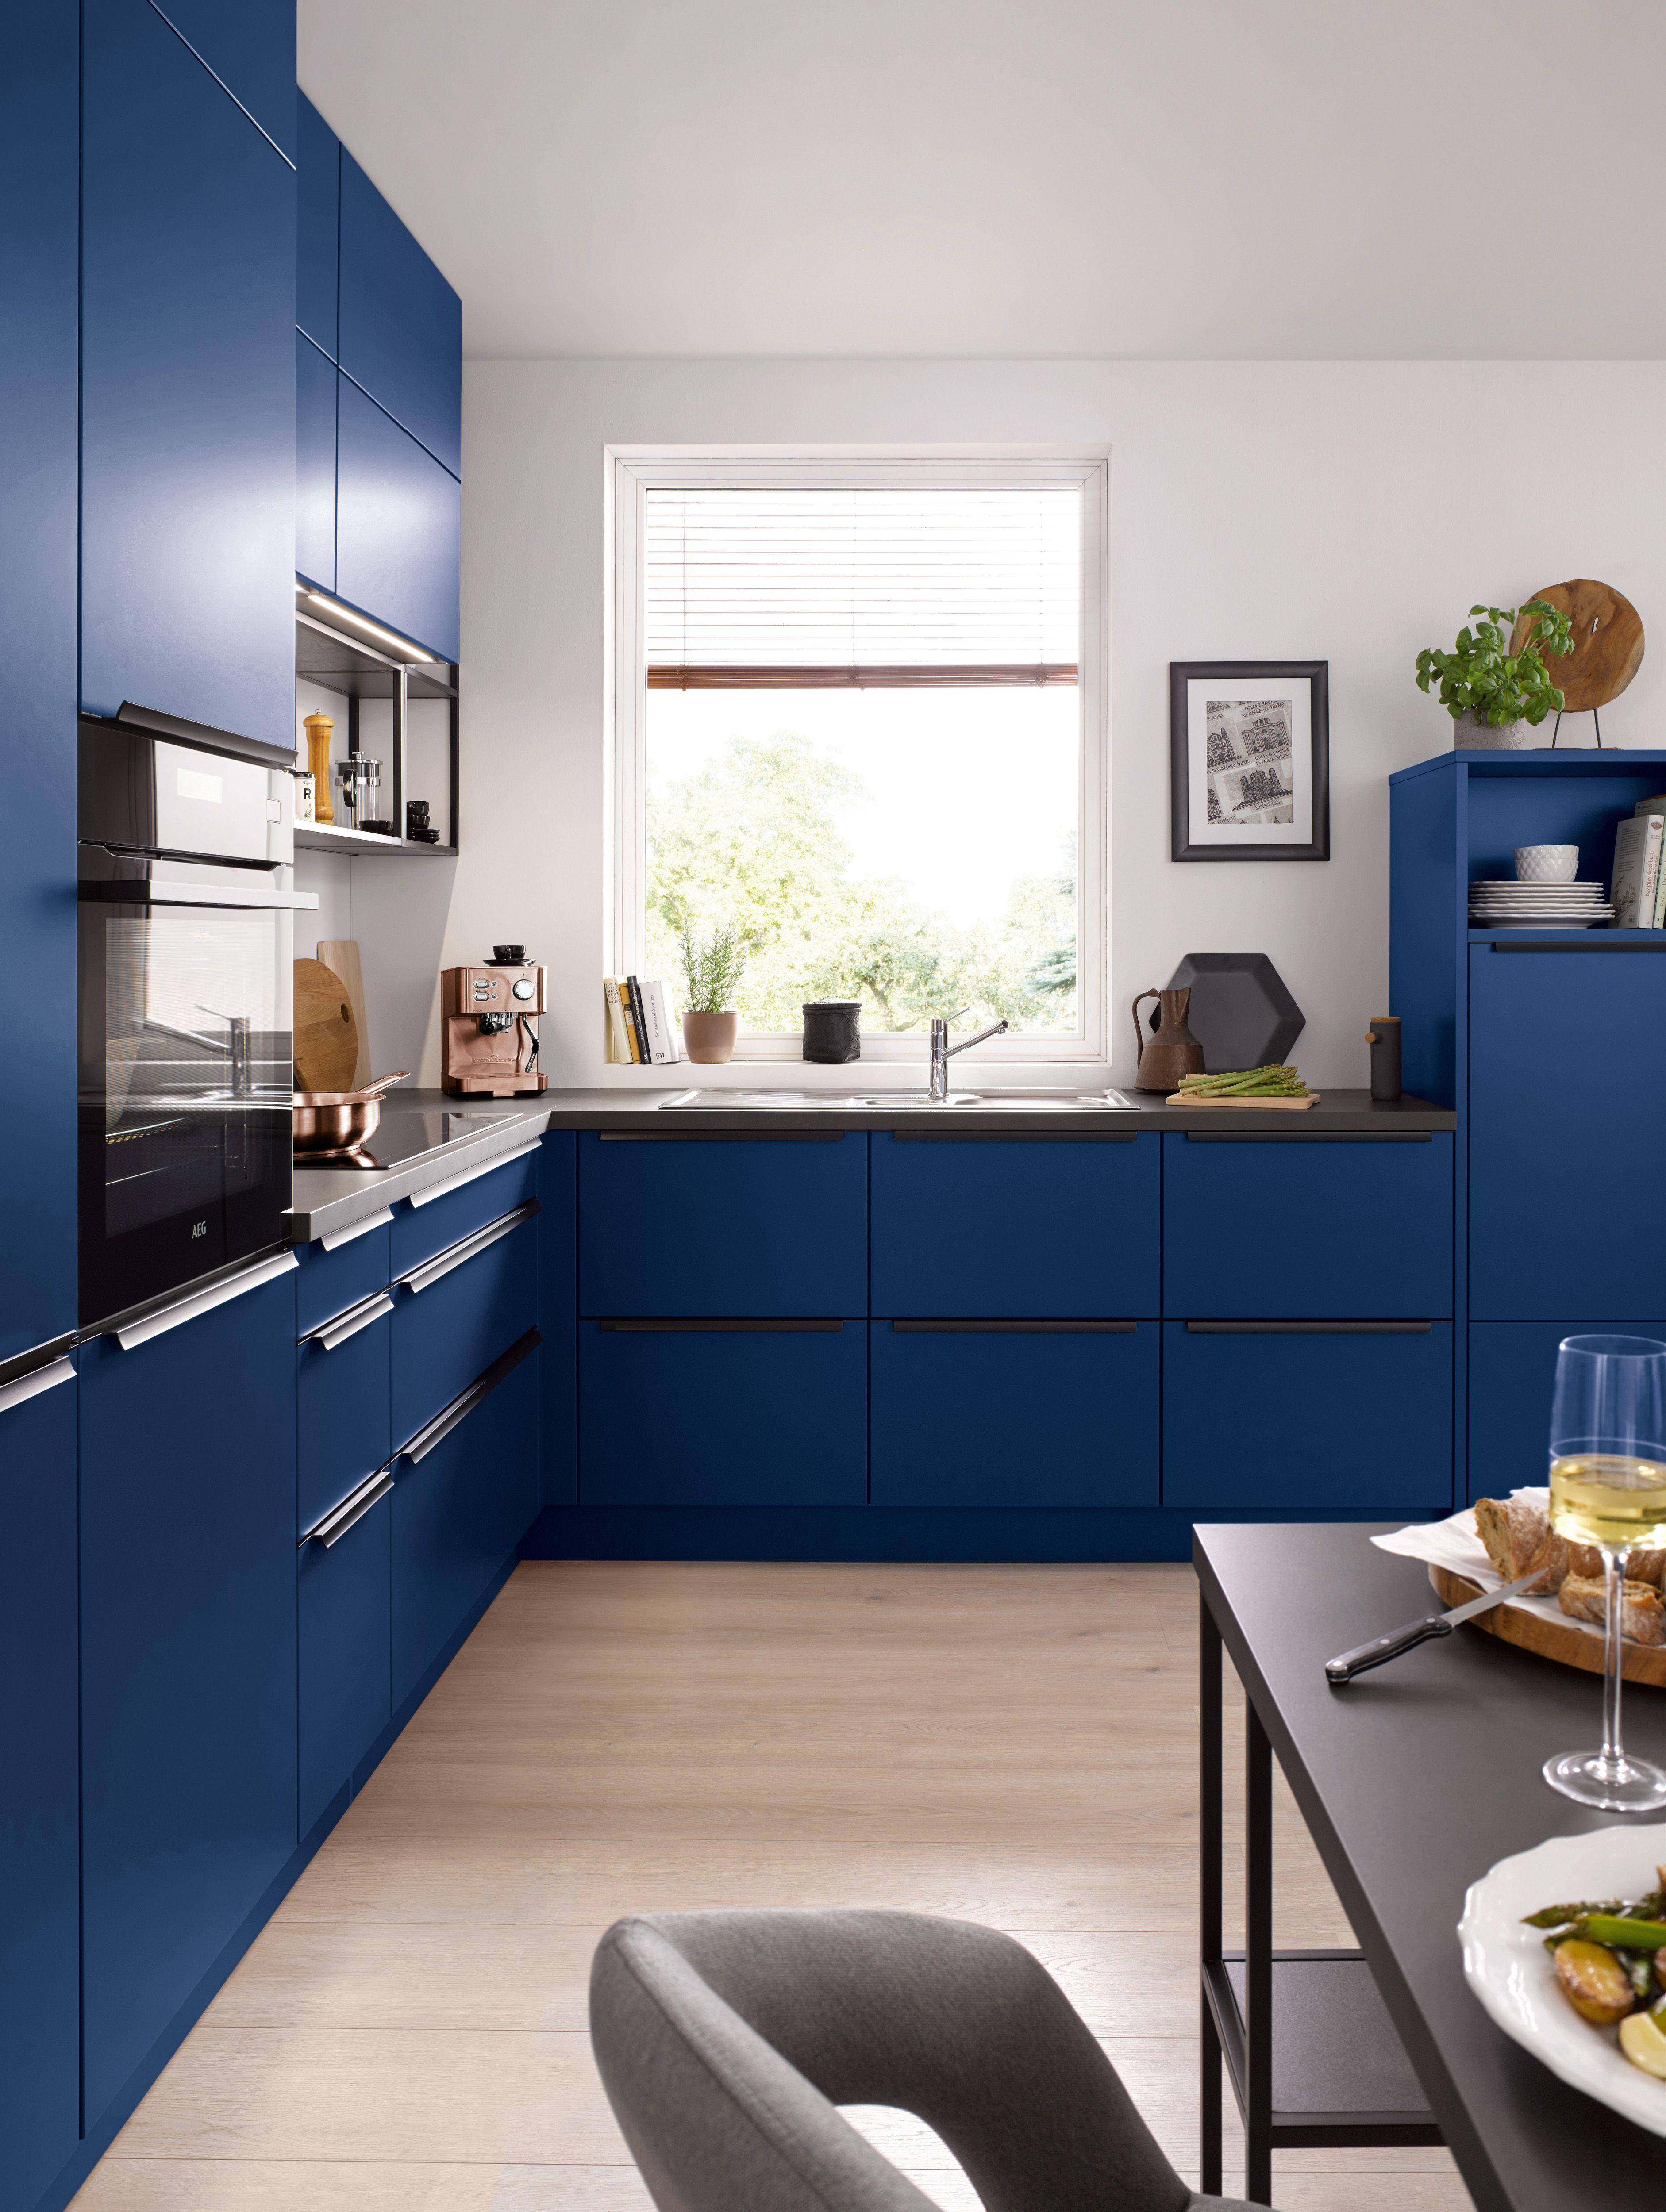 Schuller Siena Aqua Blue Kitchen Cozinha Planejada Cozinhas Cozinha